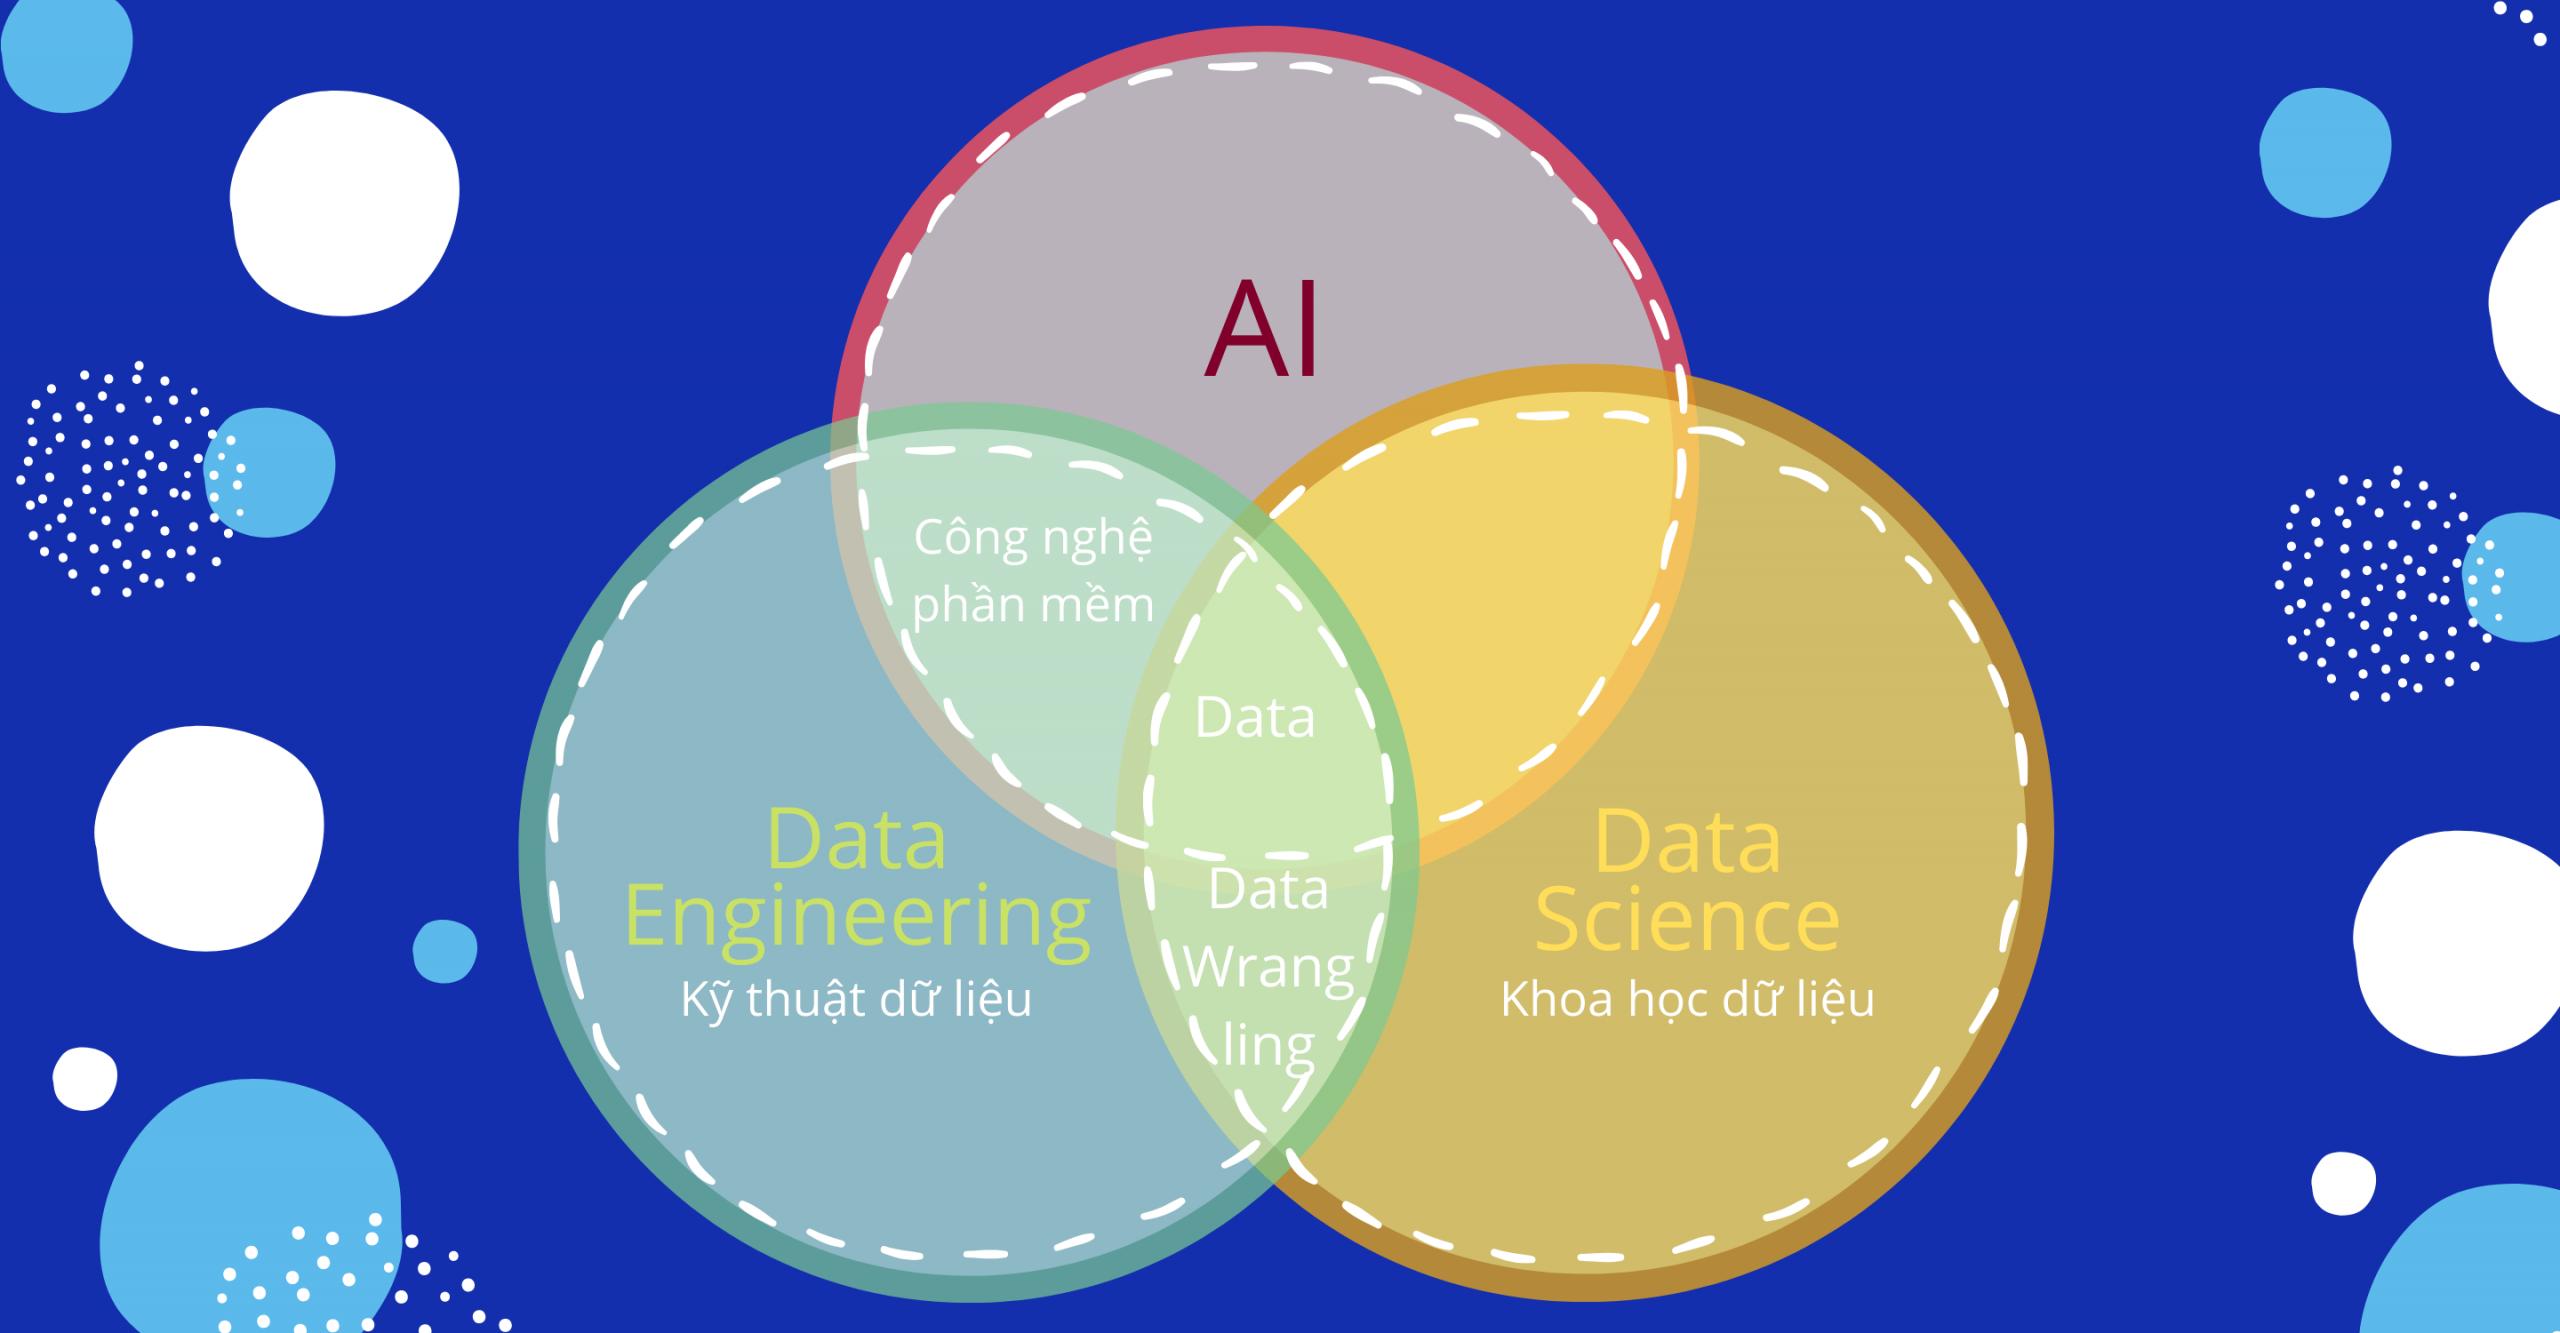 VienISB_Data-Science-va-AI-2